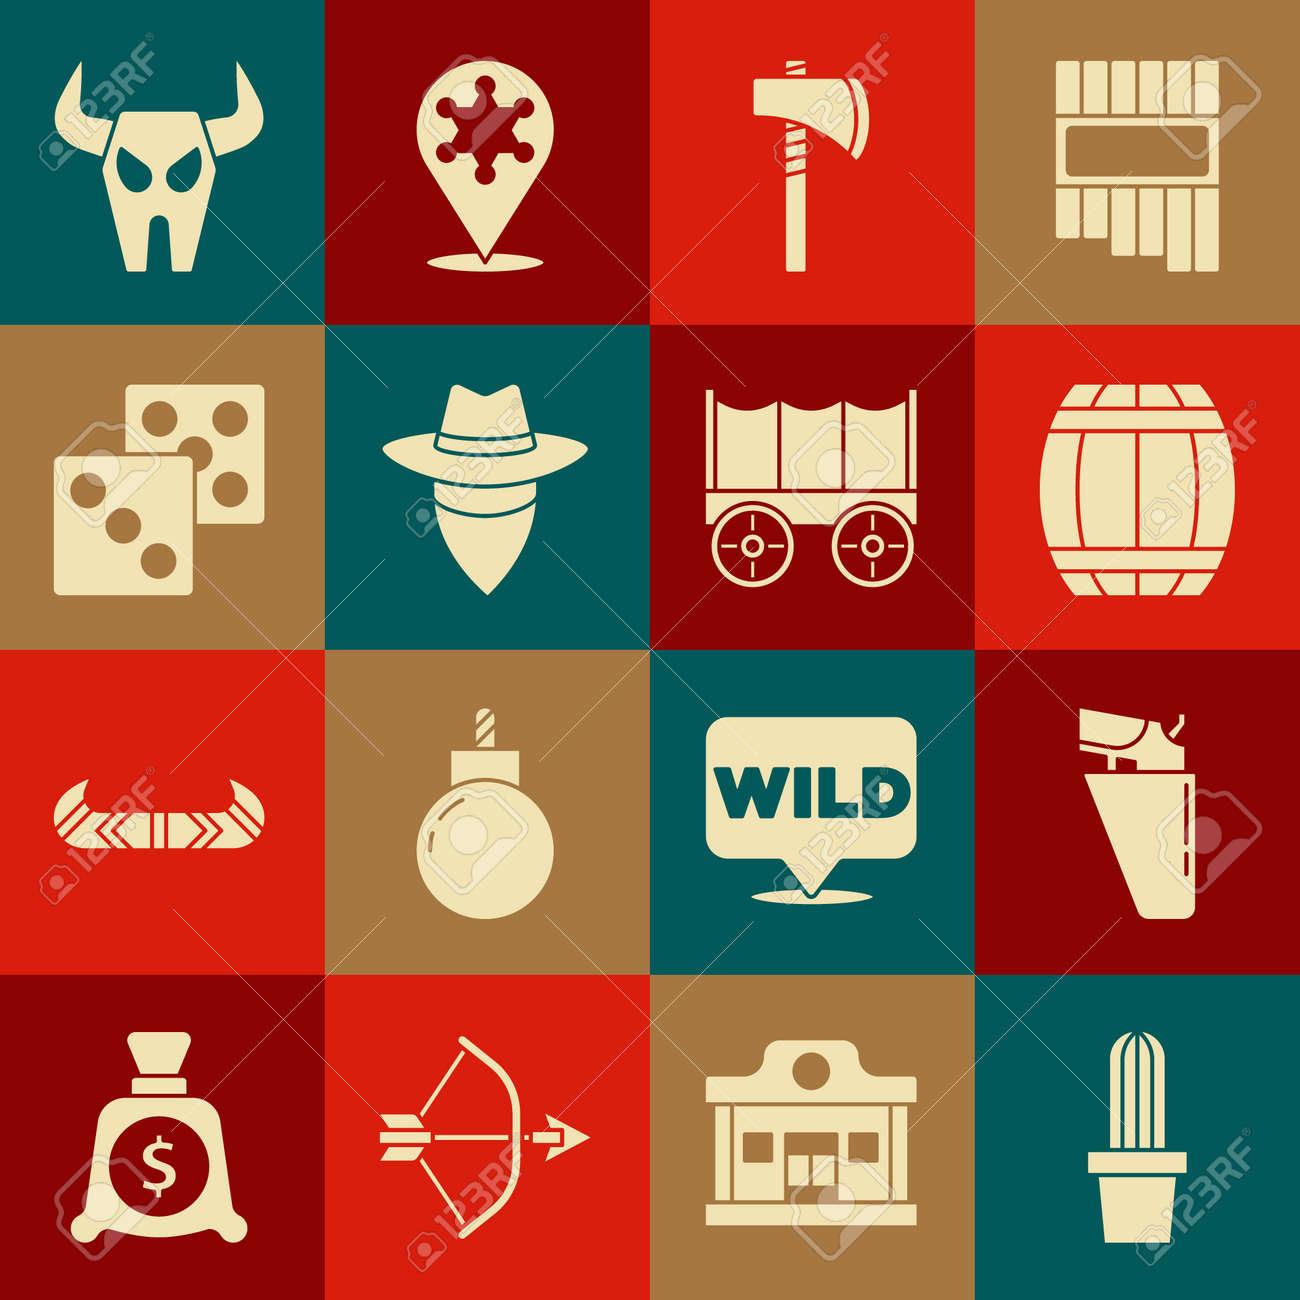 Set Cactus peyote in pot, Revolver gun holster, Gun powder barrel, Tomahawk axe, Cowboy, Game dice, Buffalo skull and Wild west covered wagon icon. Vector - 173396177